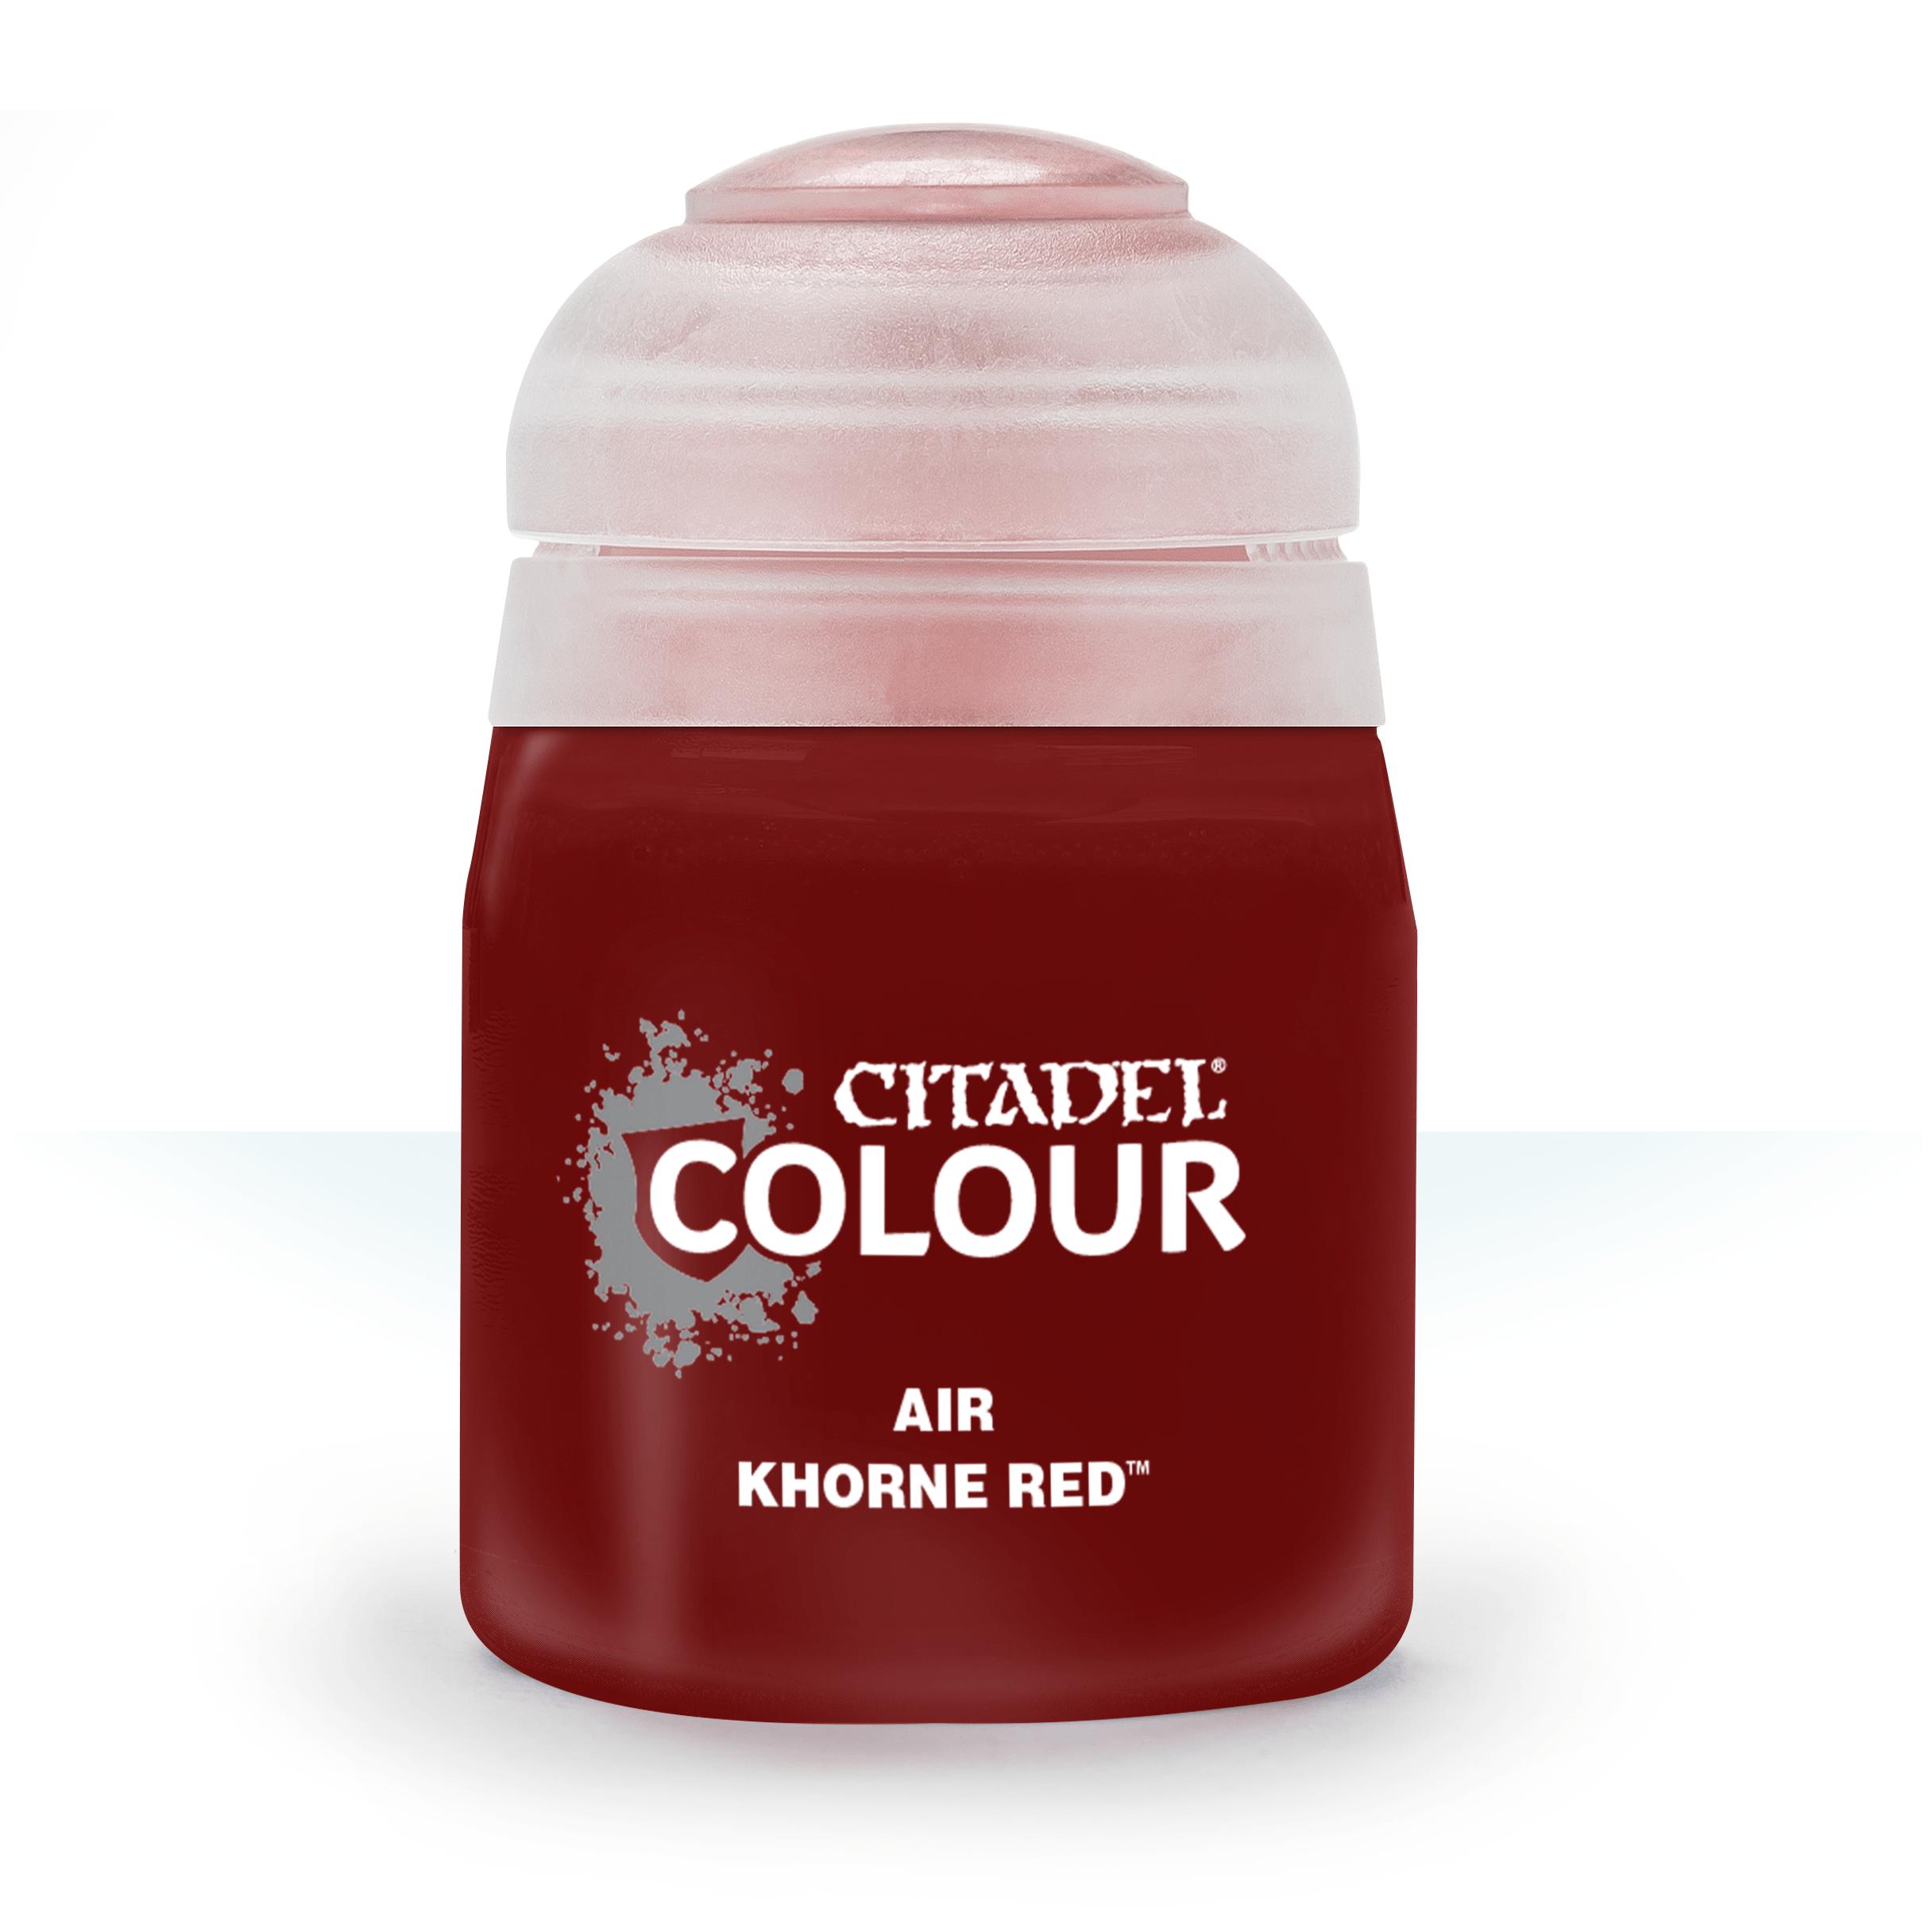 Khorne Red, Citadel Air 24ml